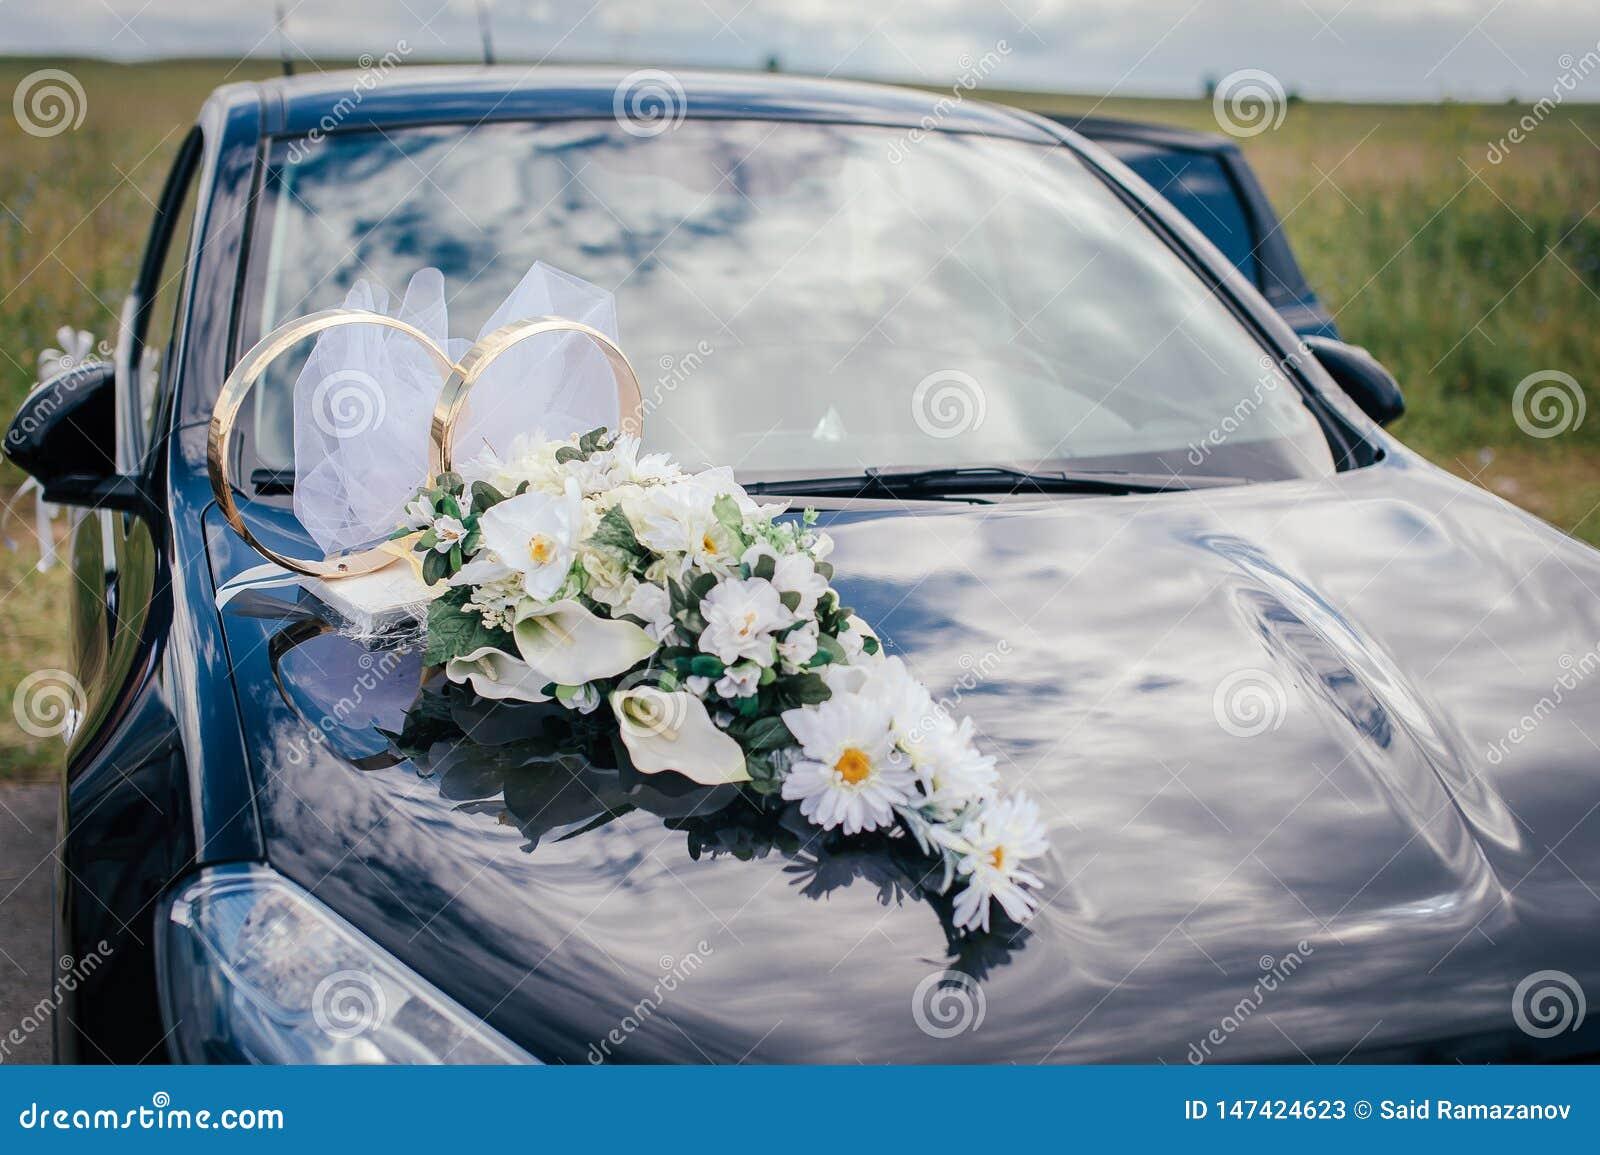 Flores brancas e alianças de casamento na capa do carro preto